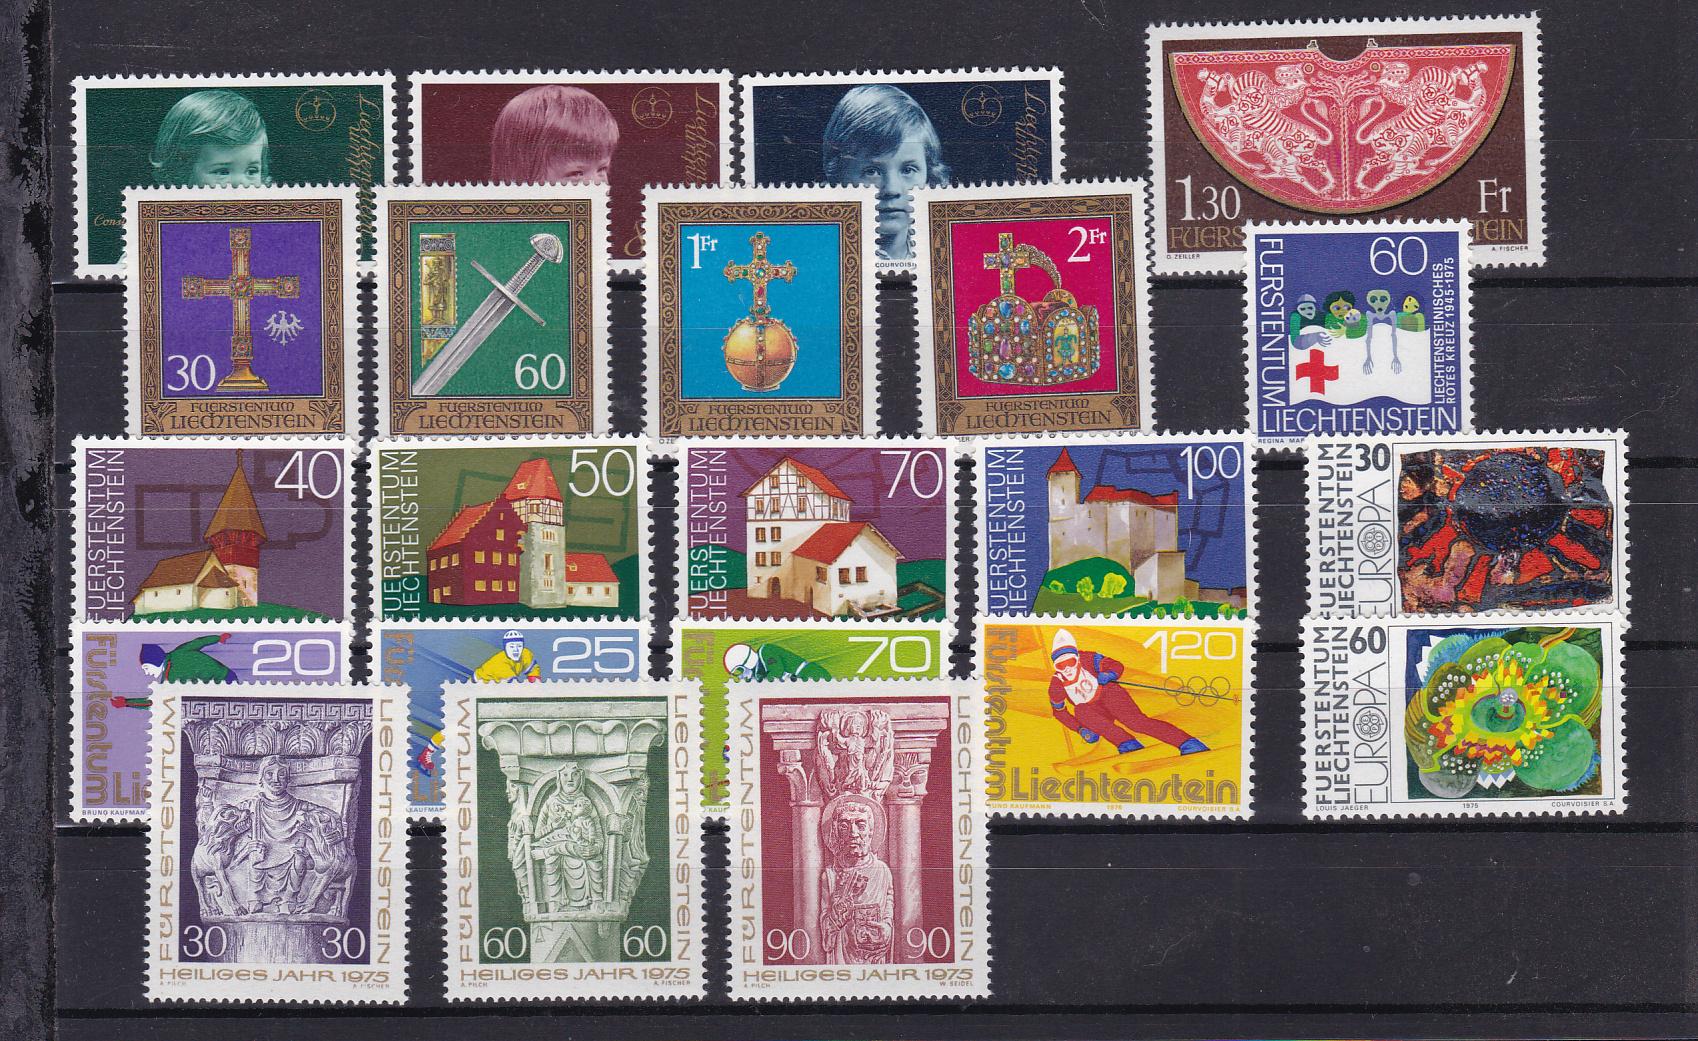 Zypern Michelnummer 494 Postfrisch Briefmarken europa:5289